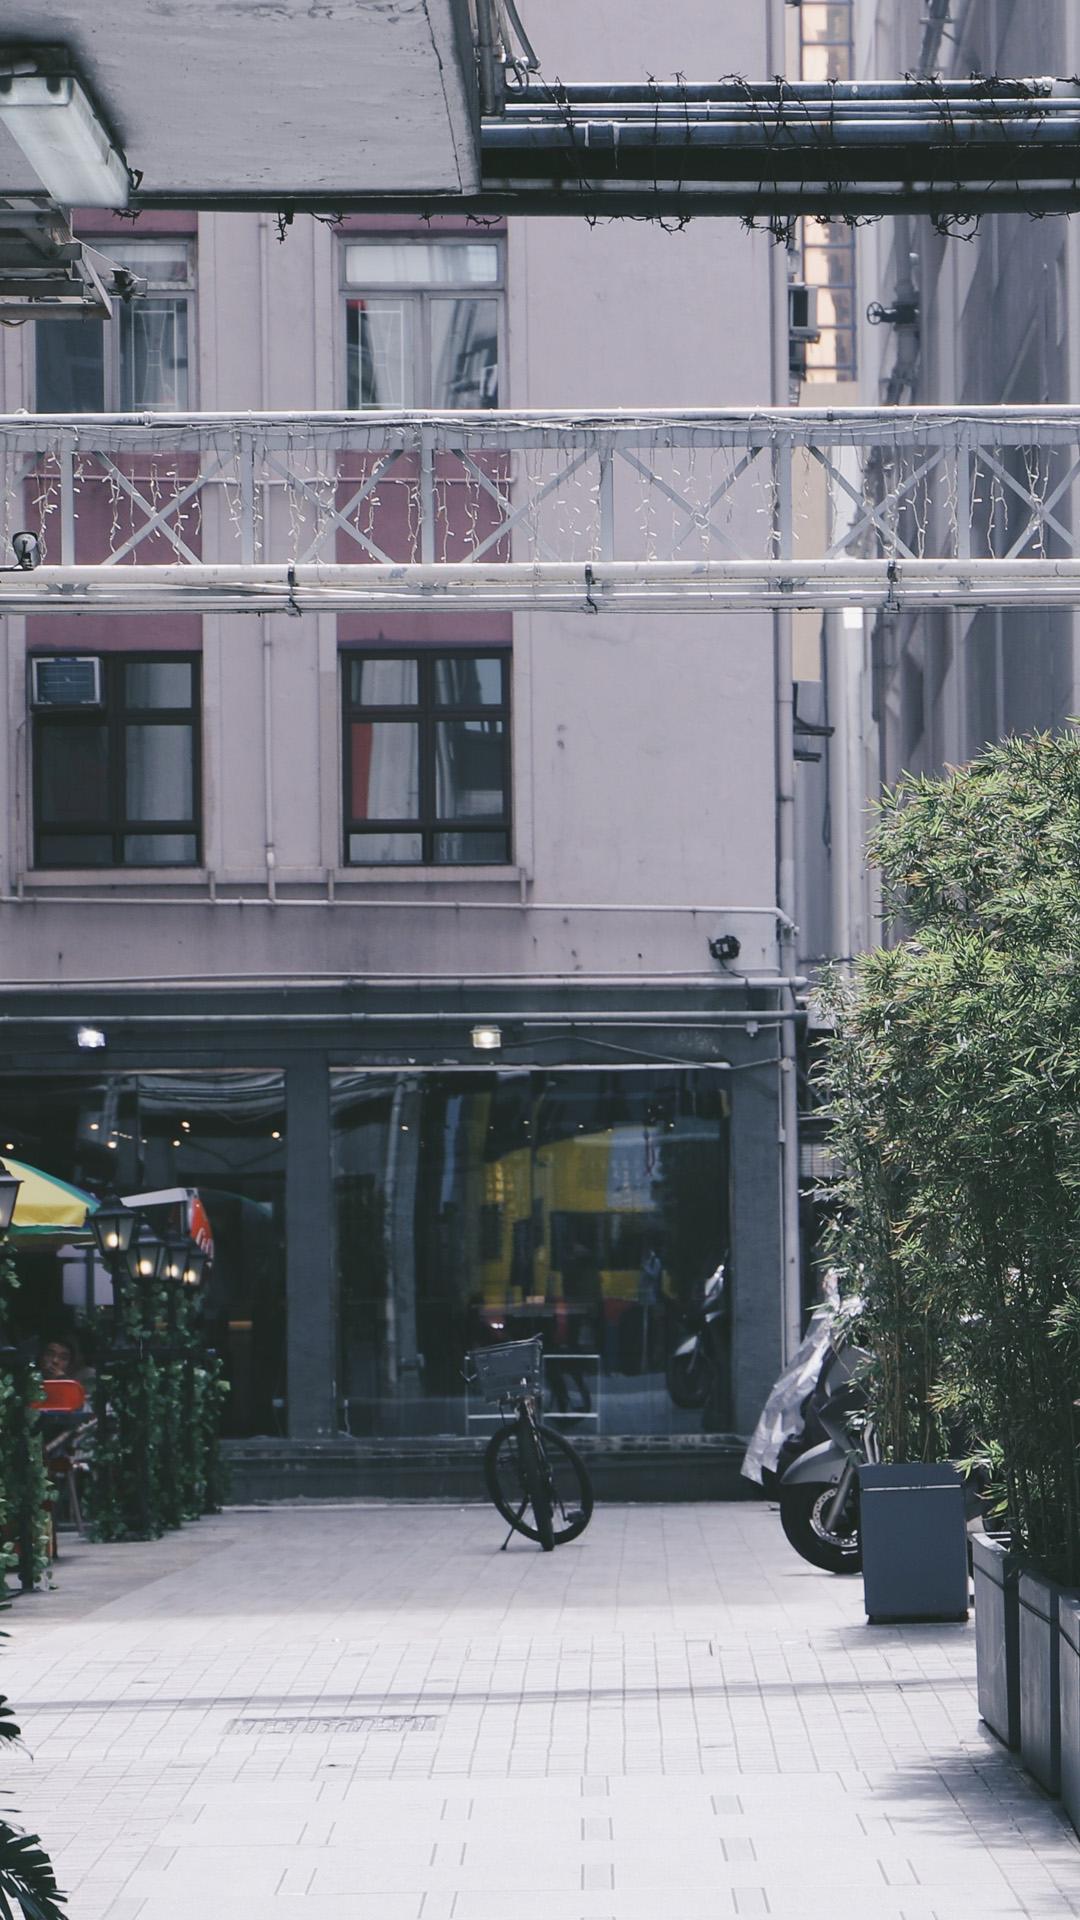 城区街道风景高清手机壁纸8